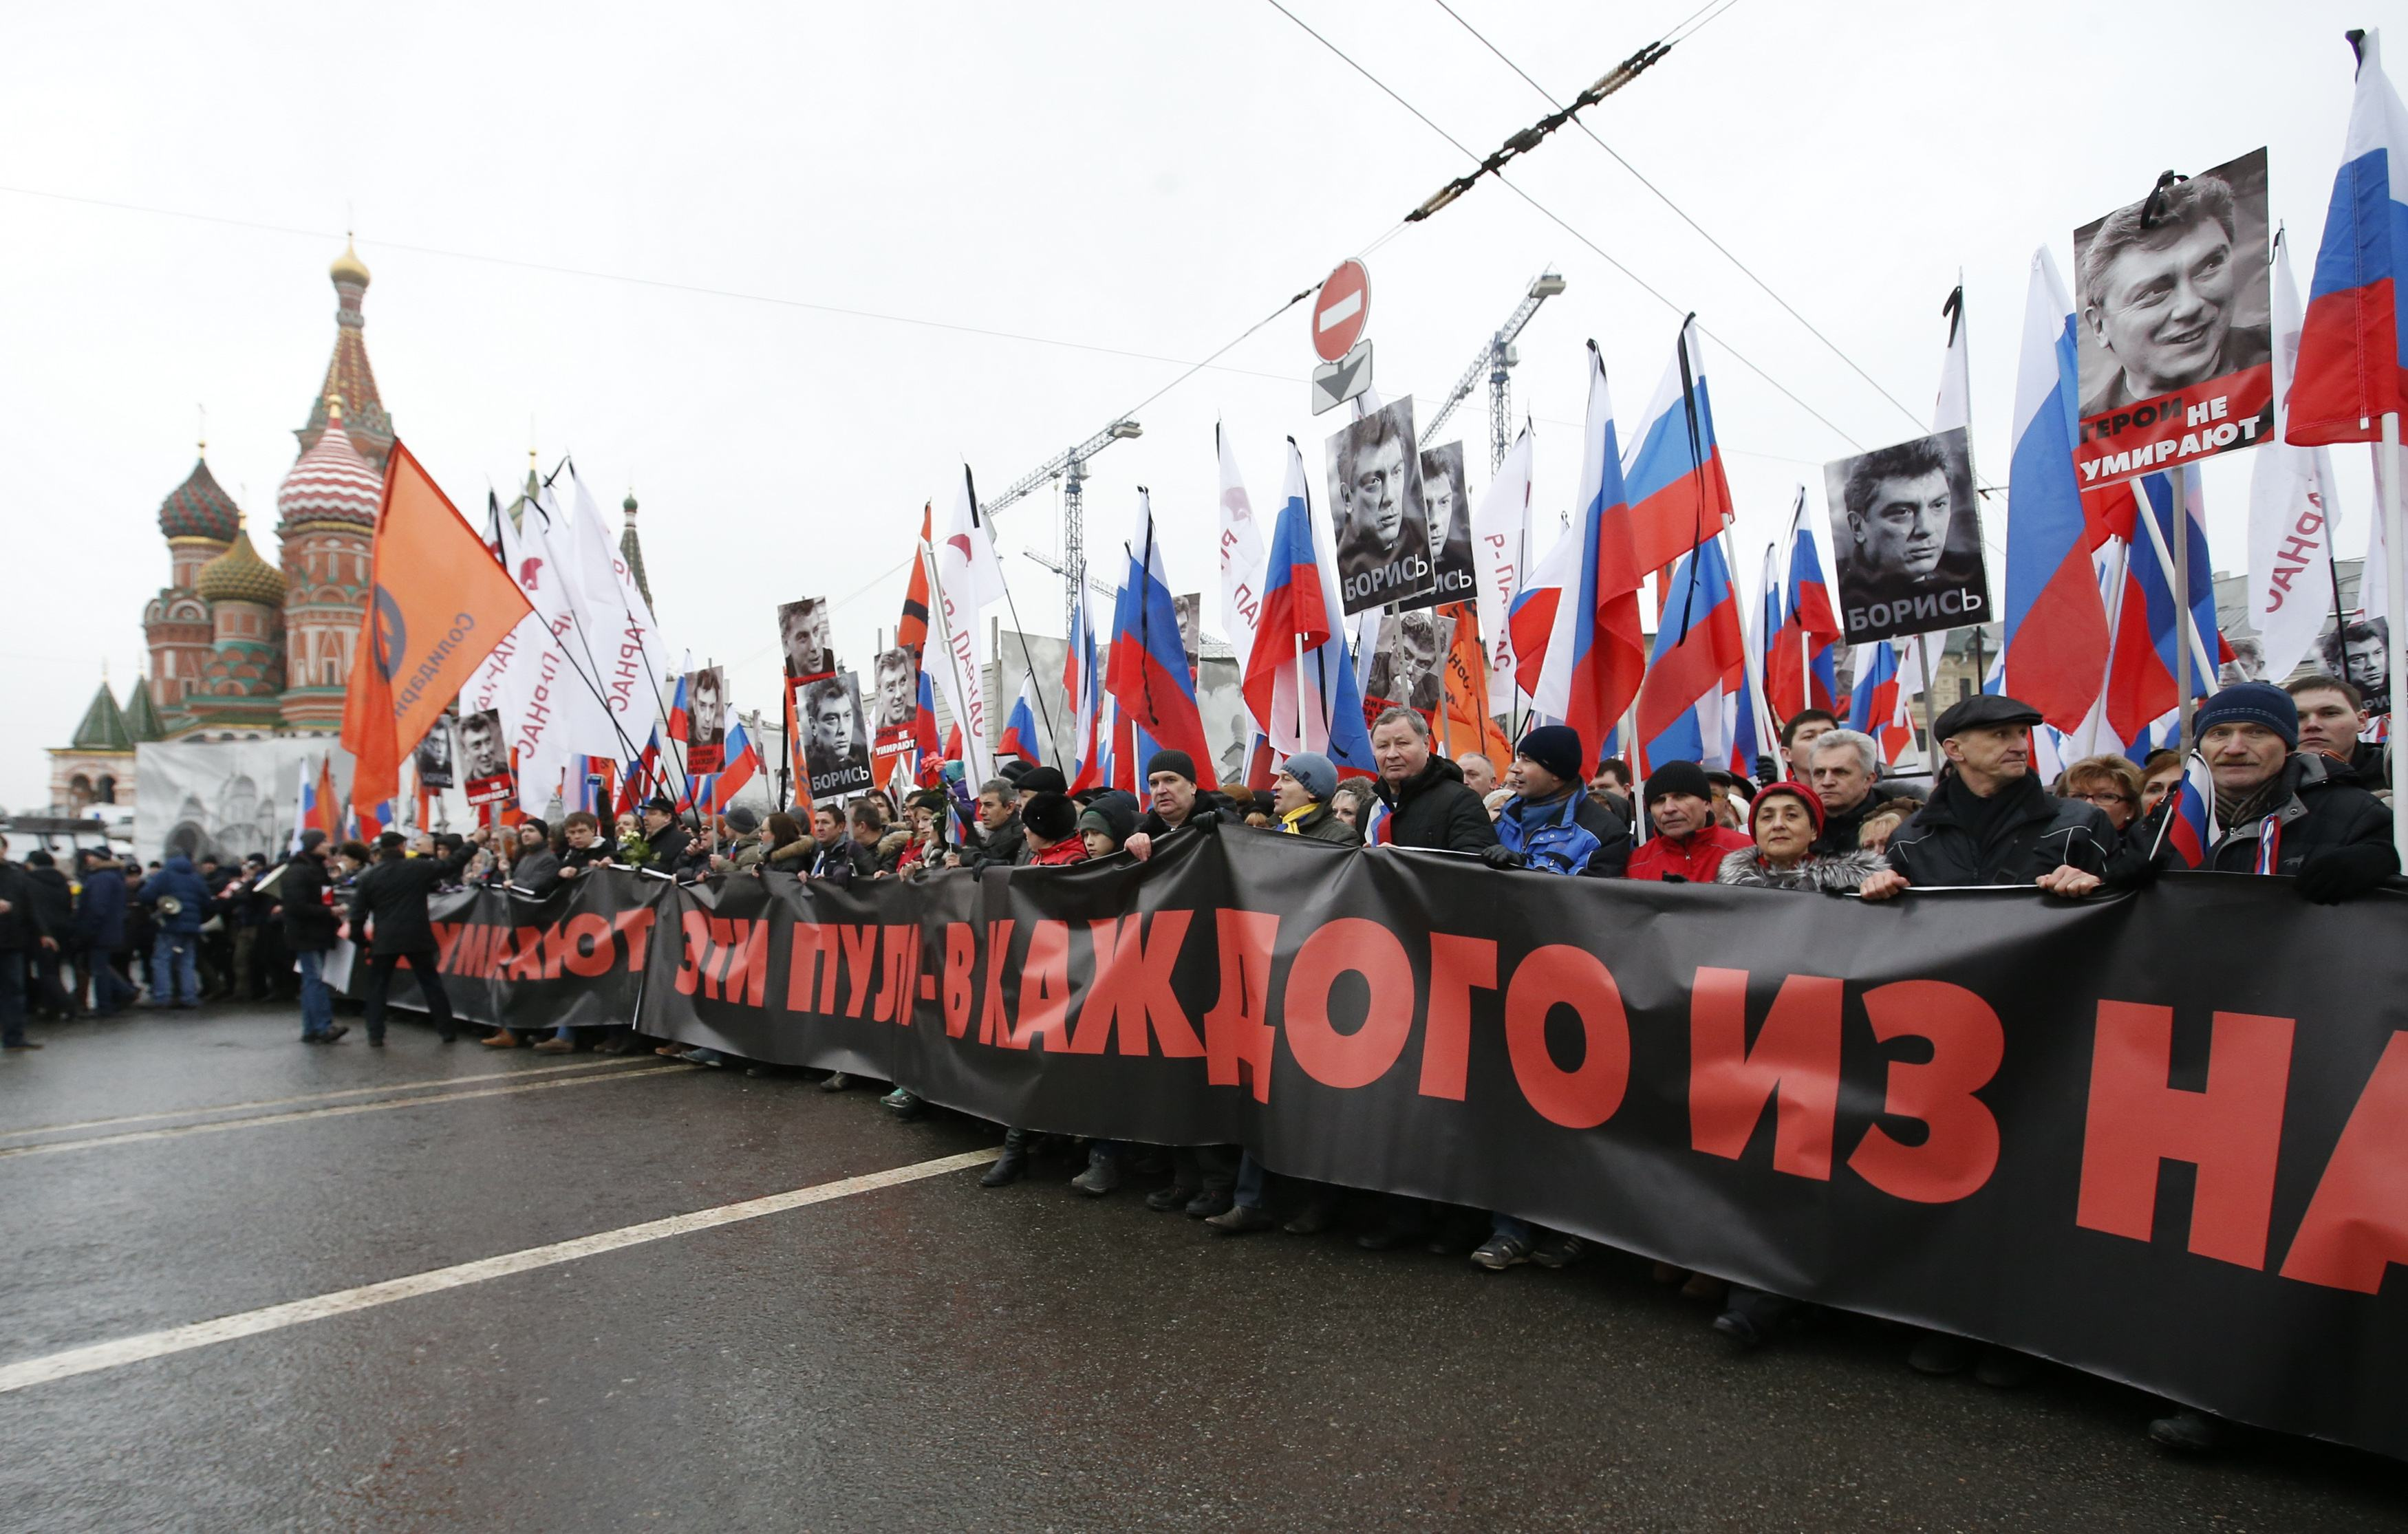 Марш памяти в центре Москвы